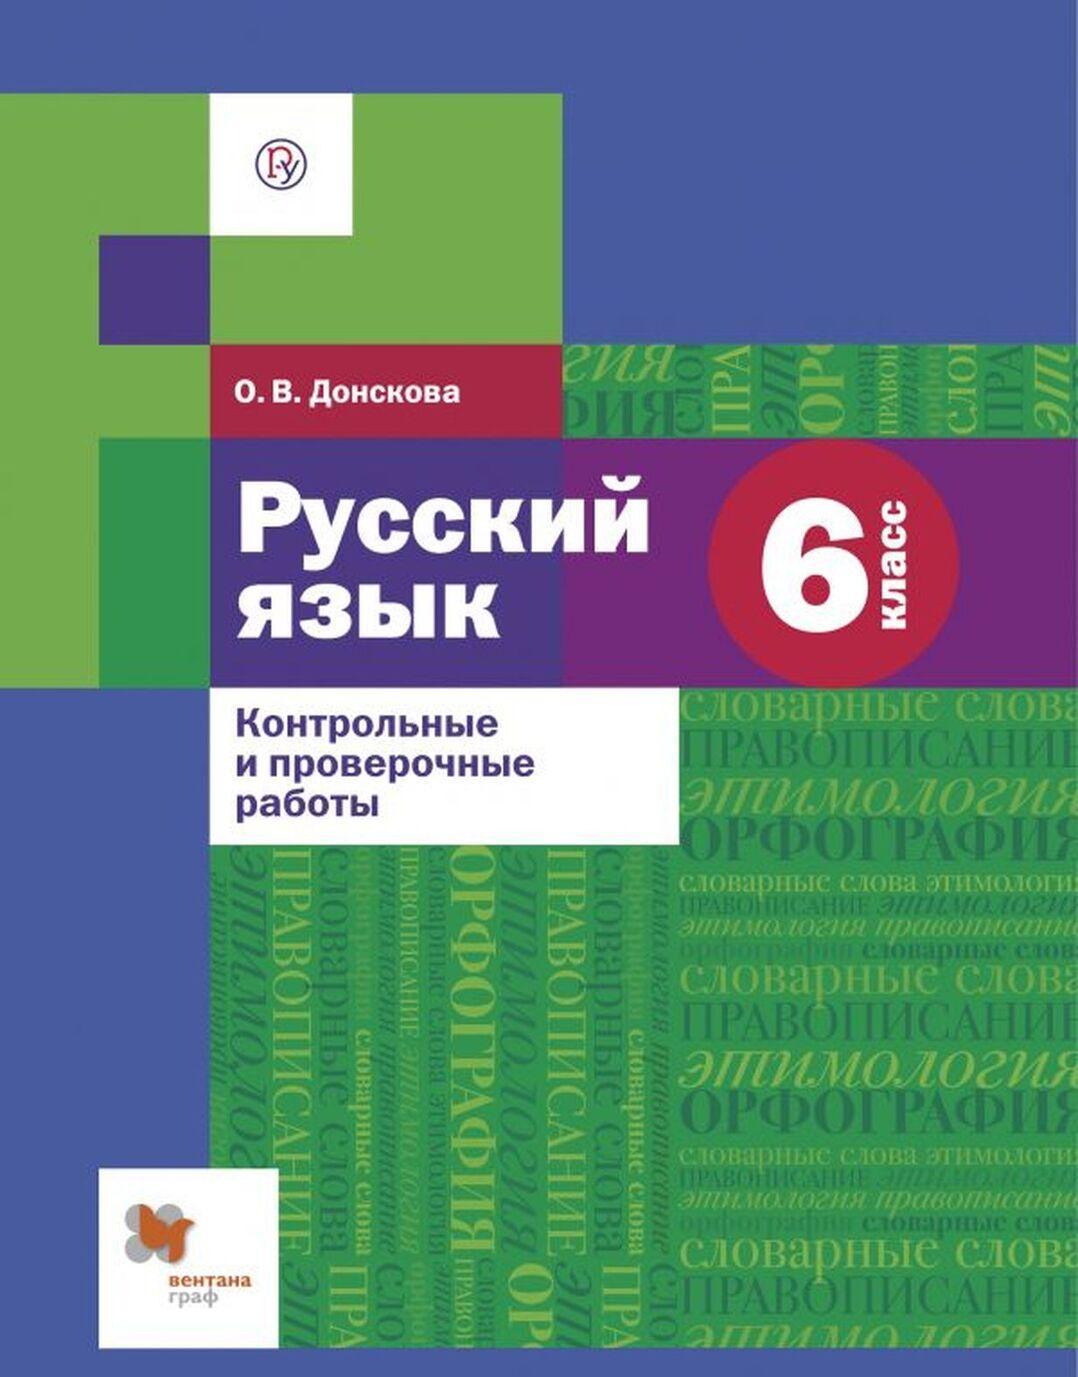 Russkij jazyk. 6 klass. Kontrolnye i proverochnye raboty | Donskova Olga Vjacheslavovna